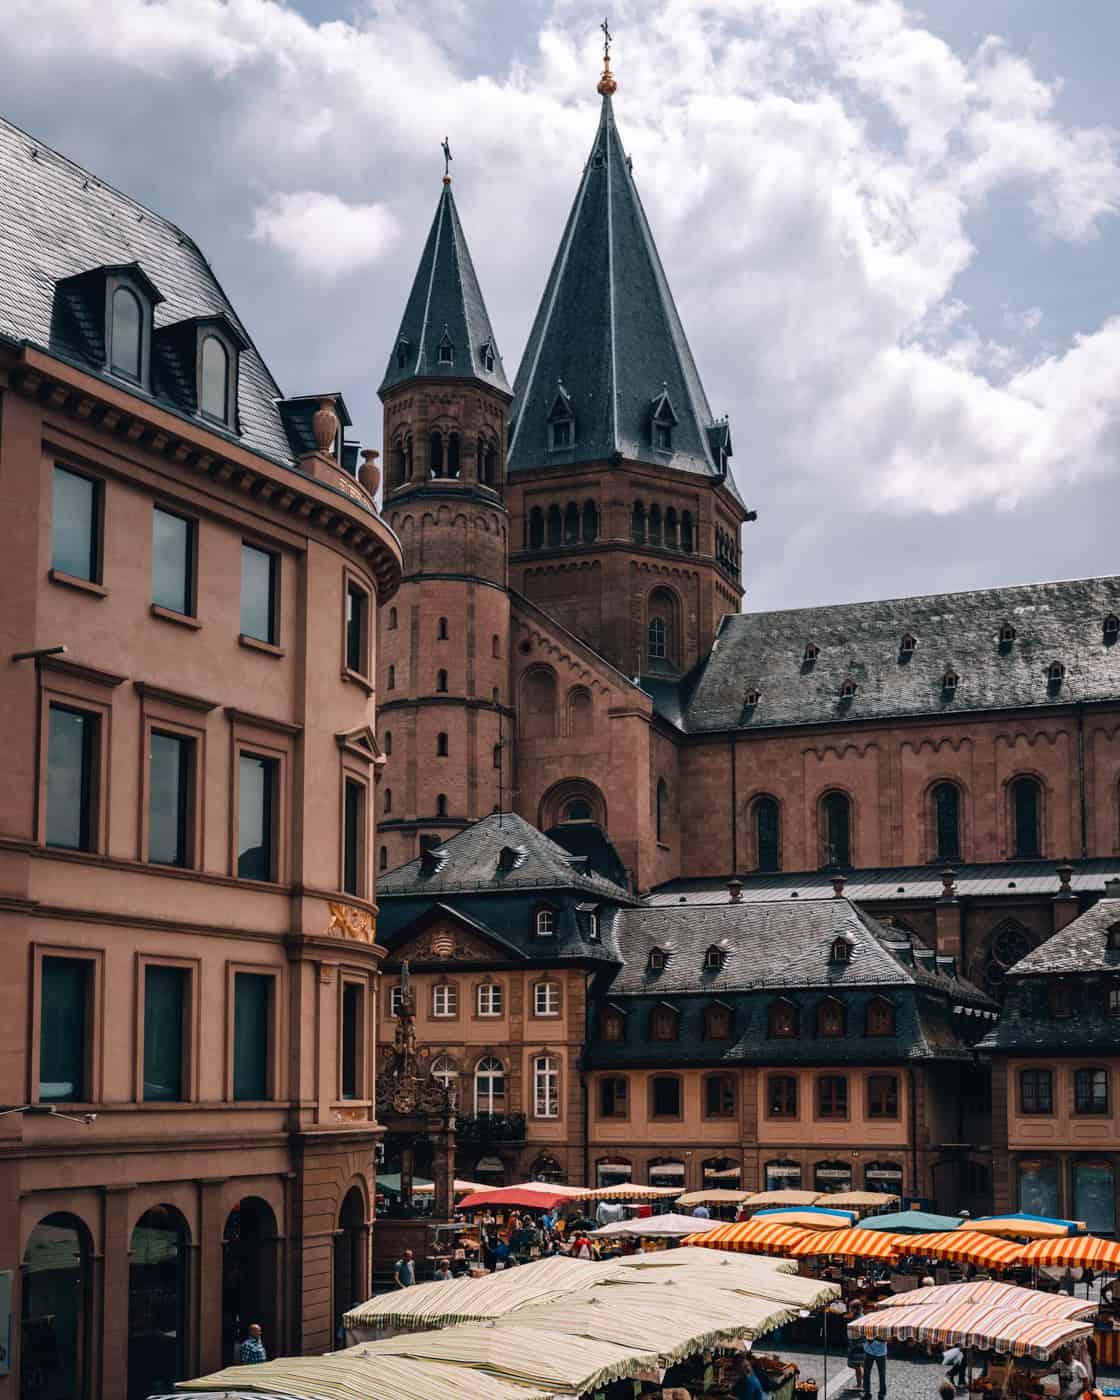 Mainz - Sehenswürdigkeiten, schönste Ecken, Essens- & Insider Tipps: Mainzer Wochenmarkt auf den Domplätzen